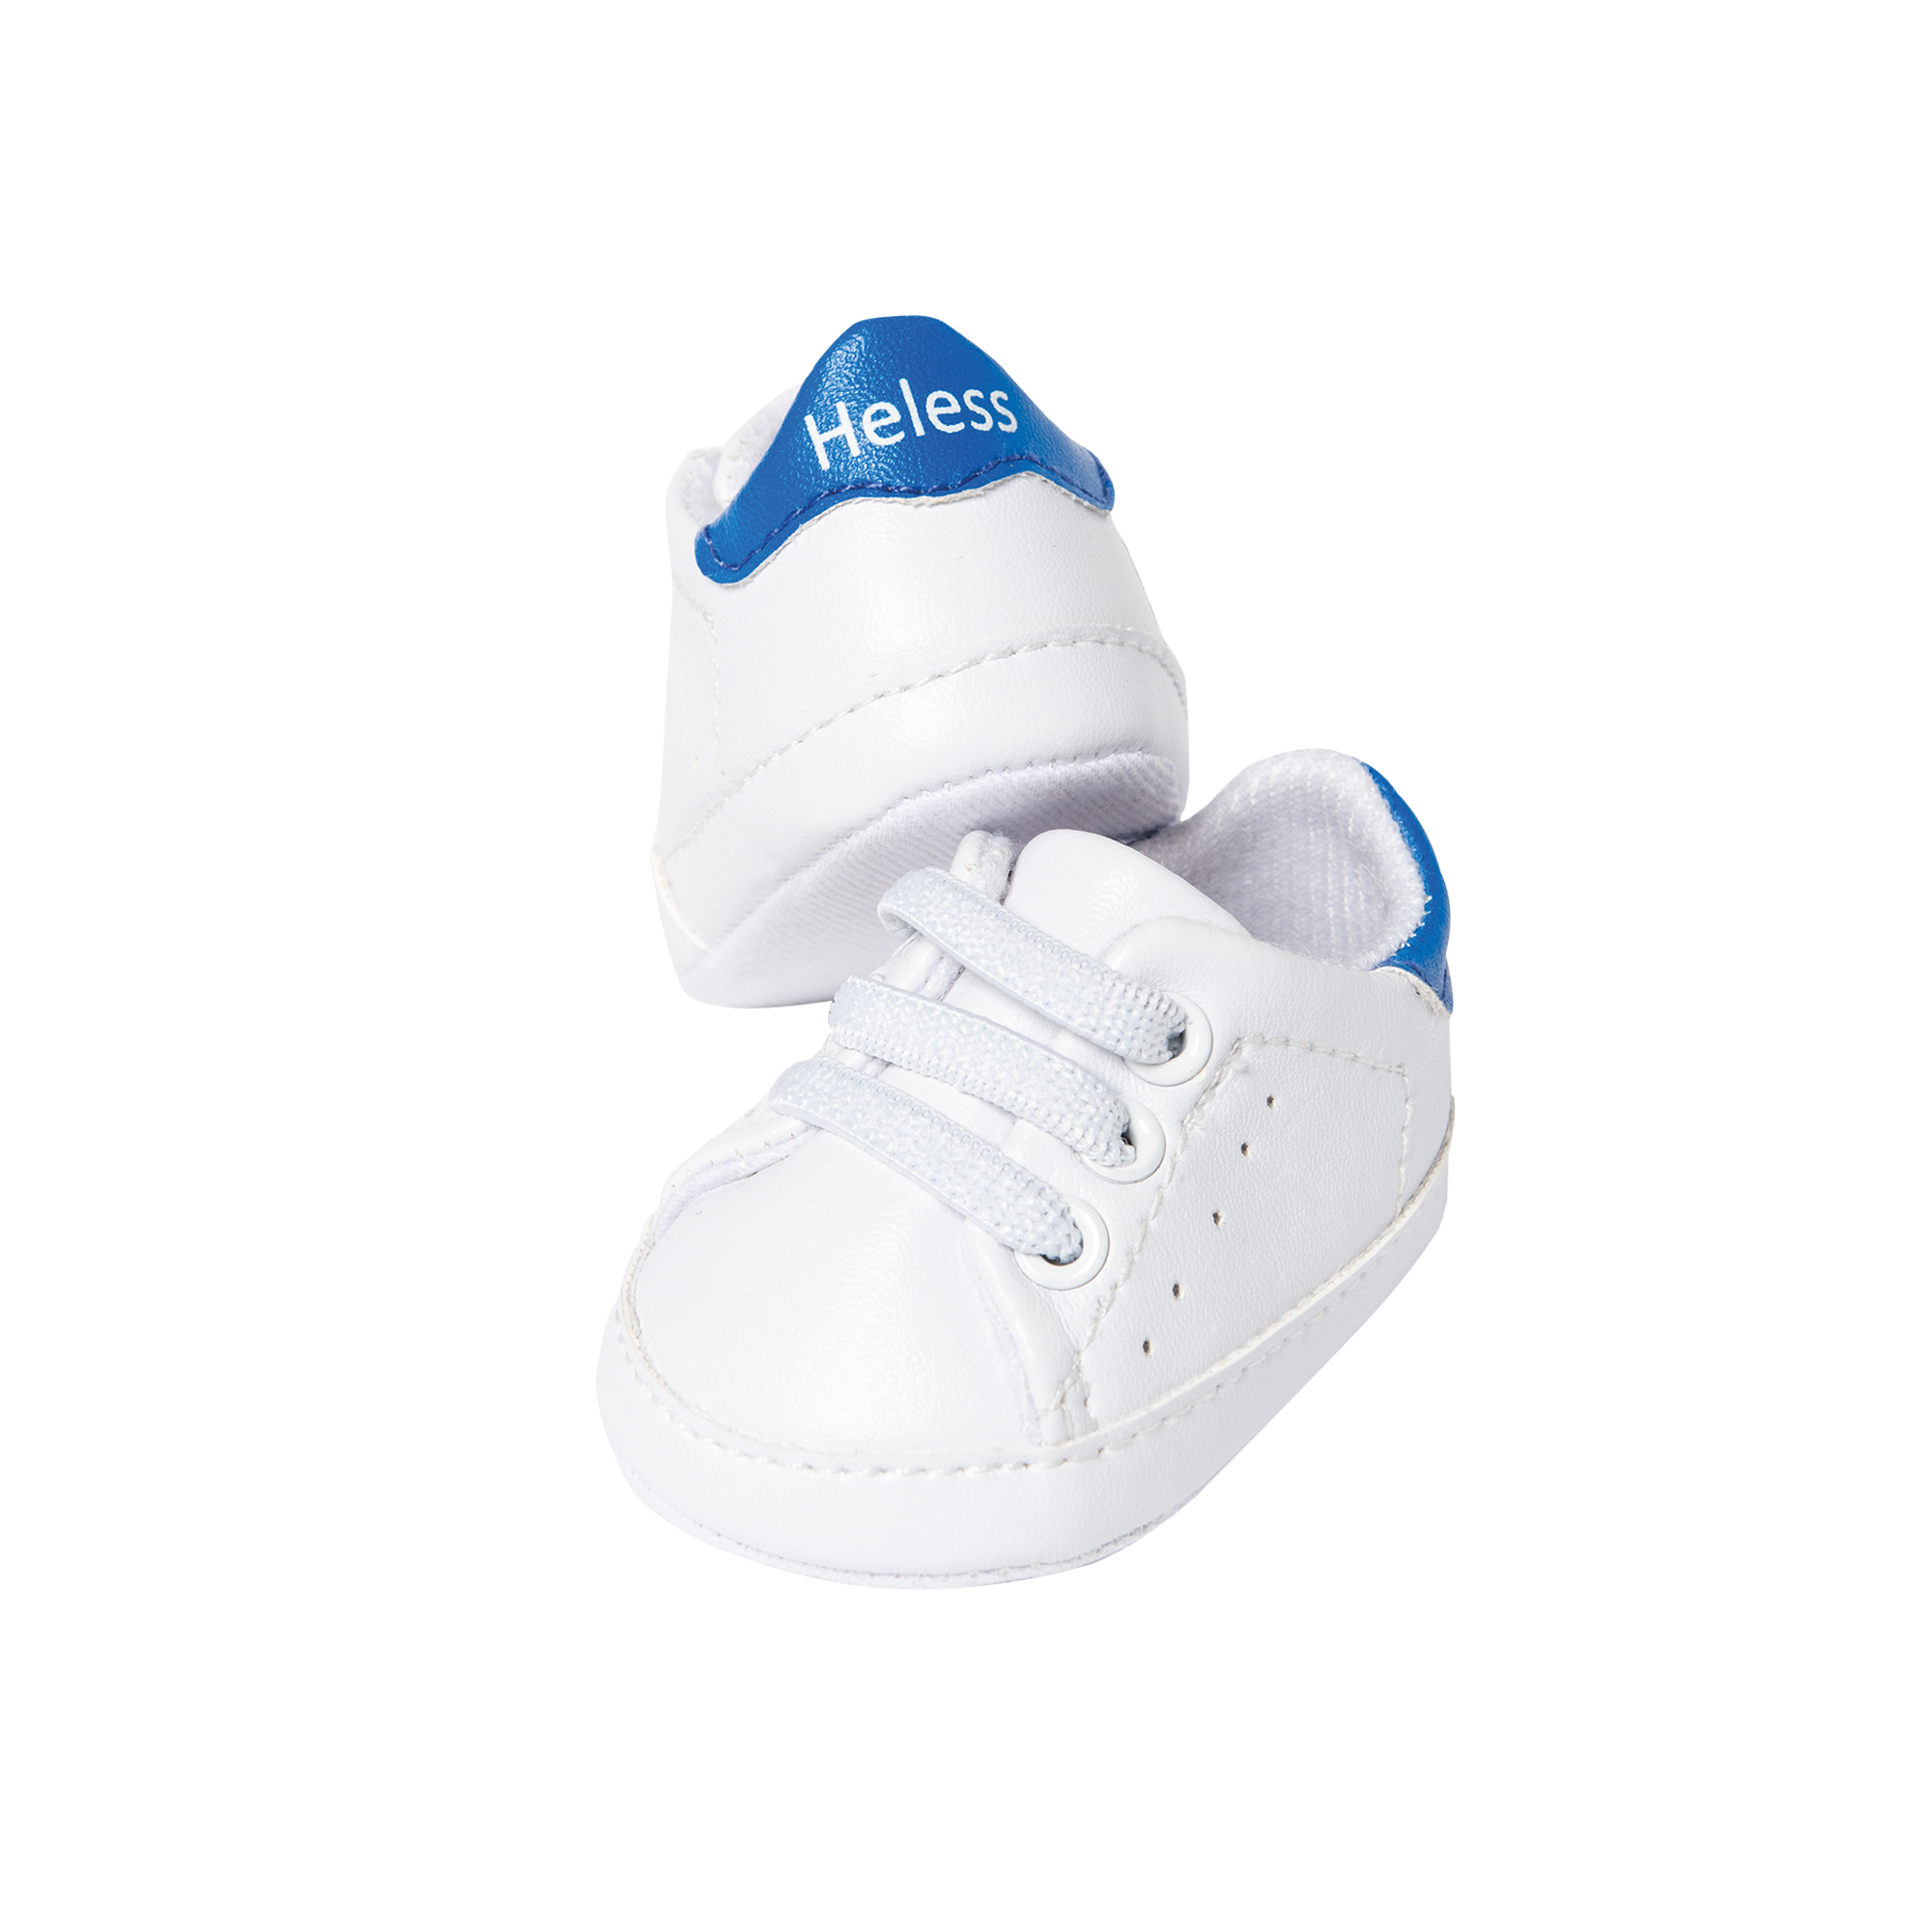 Weiße Sneakers, Gr. 30-34 cm